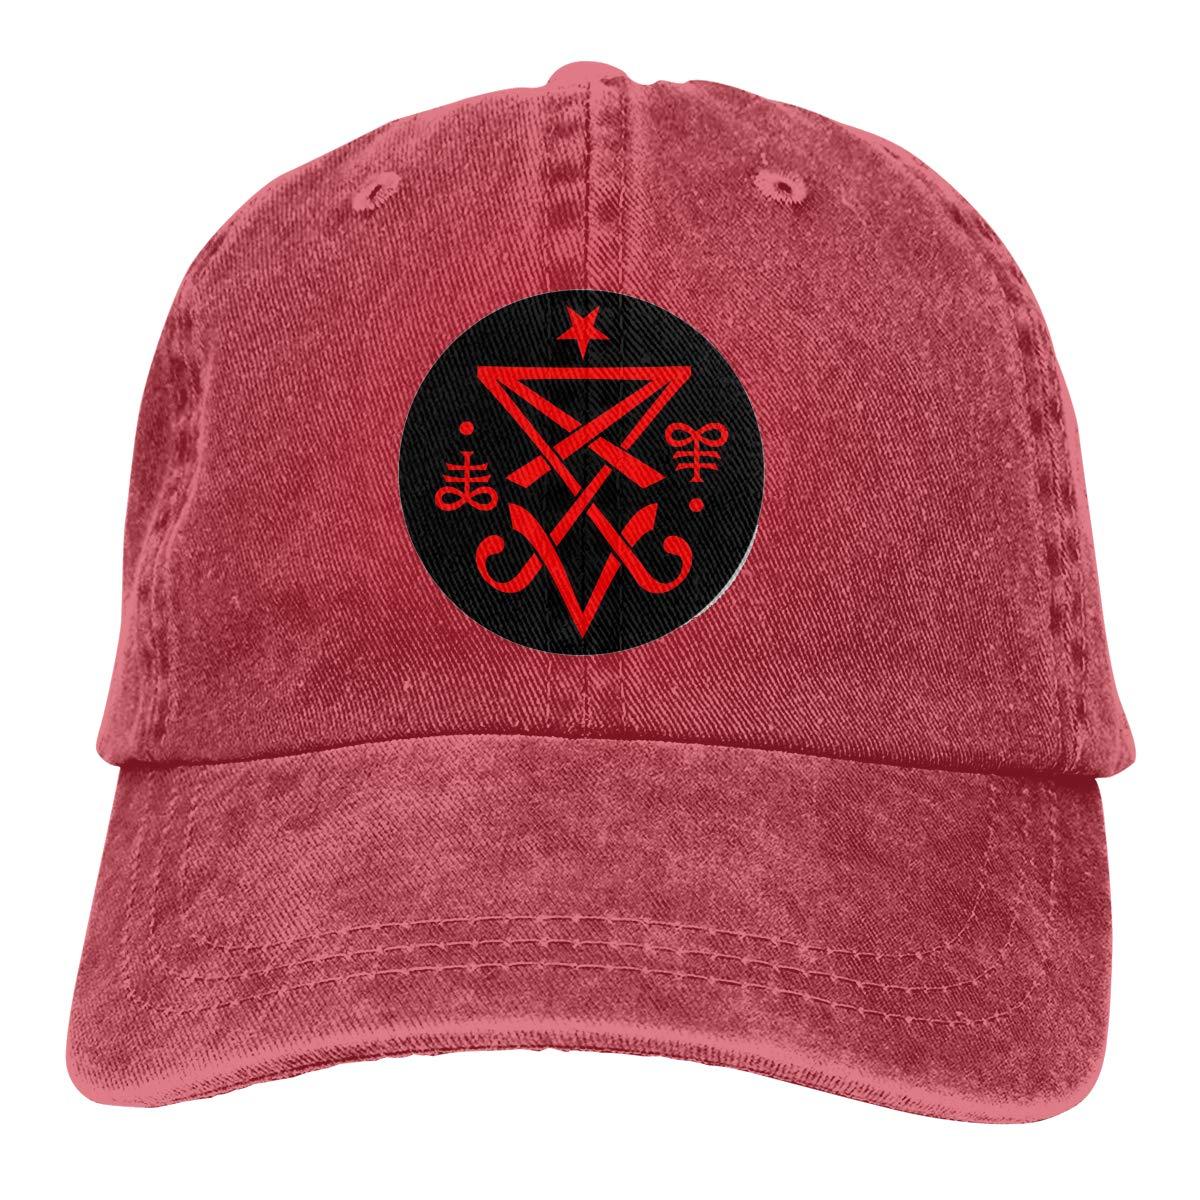 Monerla Ningpu Occult Sigil of Lucifer Satanic Adjustable Denim Hats